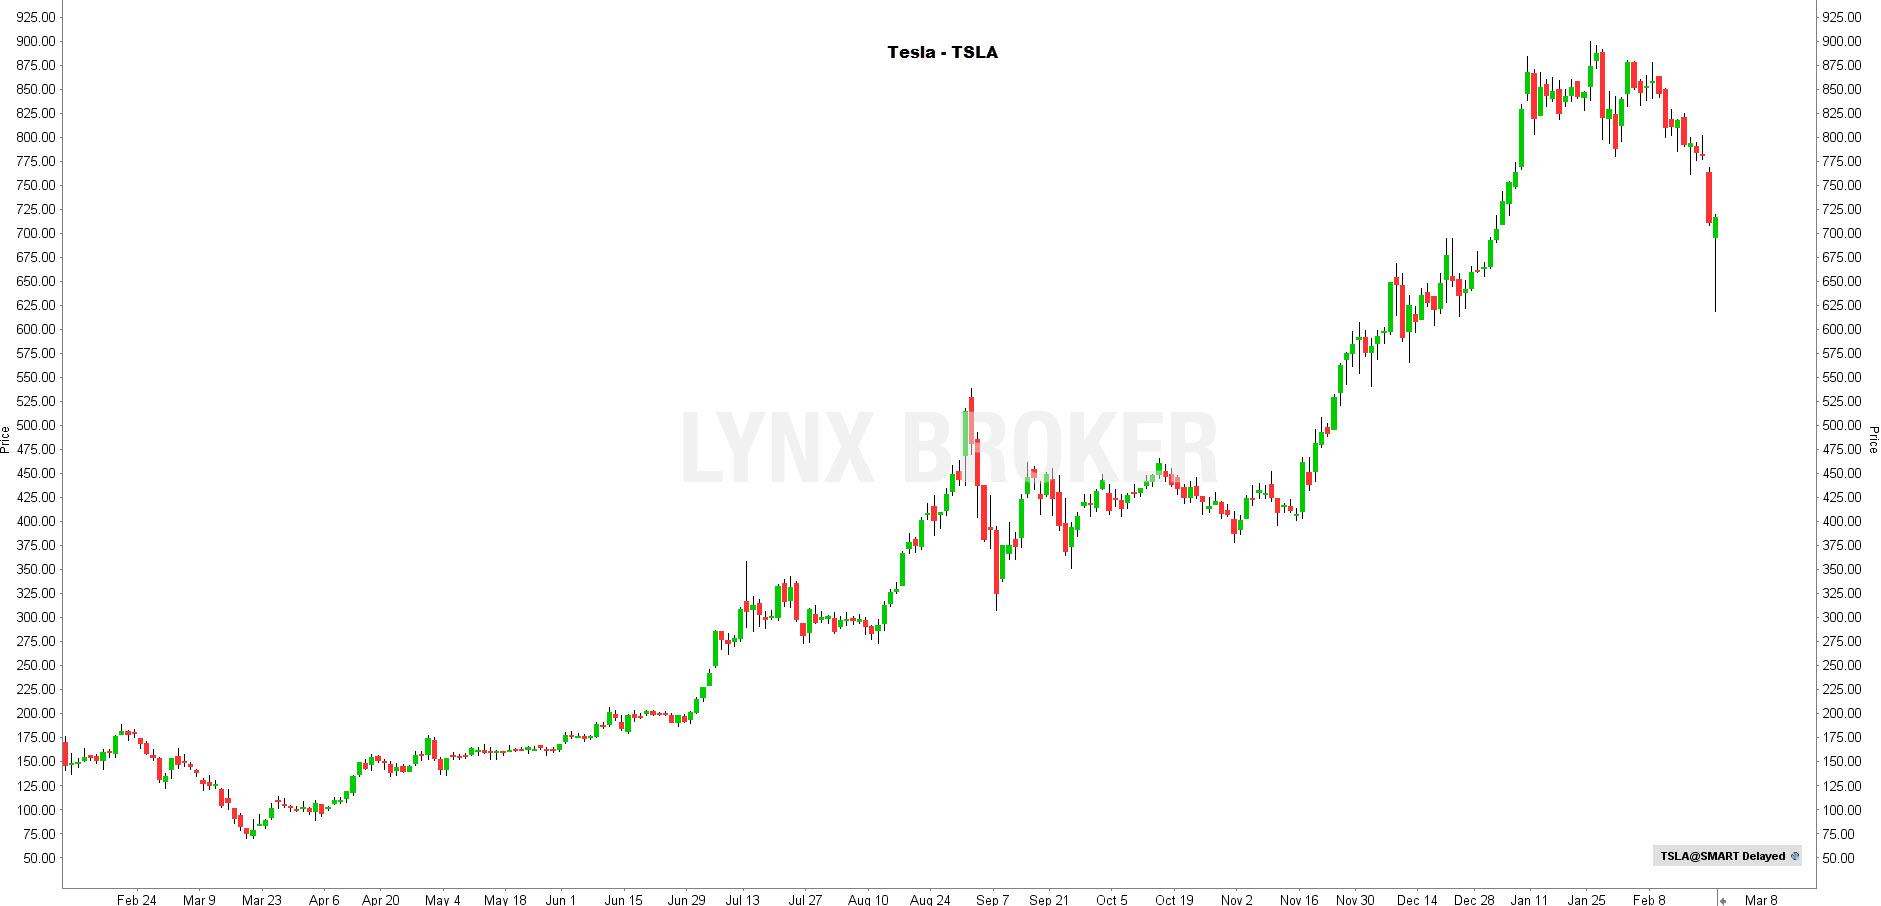 la chronique lynx broker 240221 - graphique Tesla